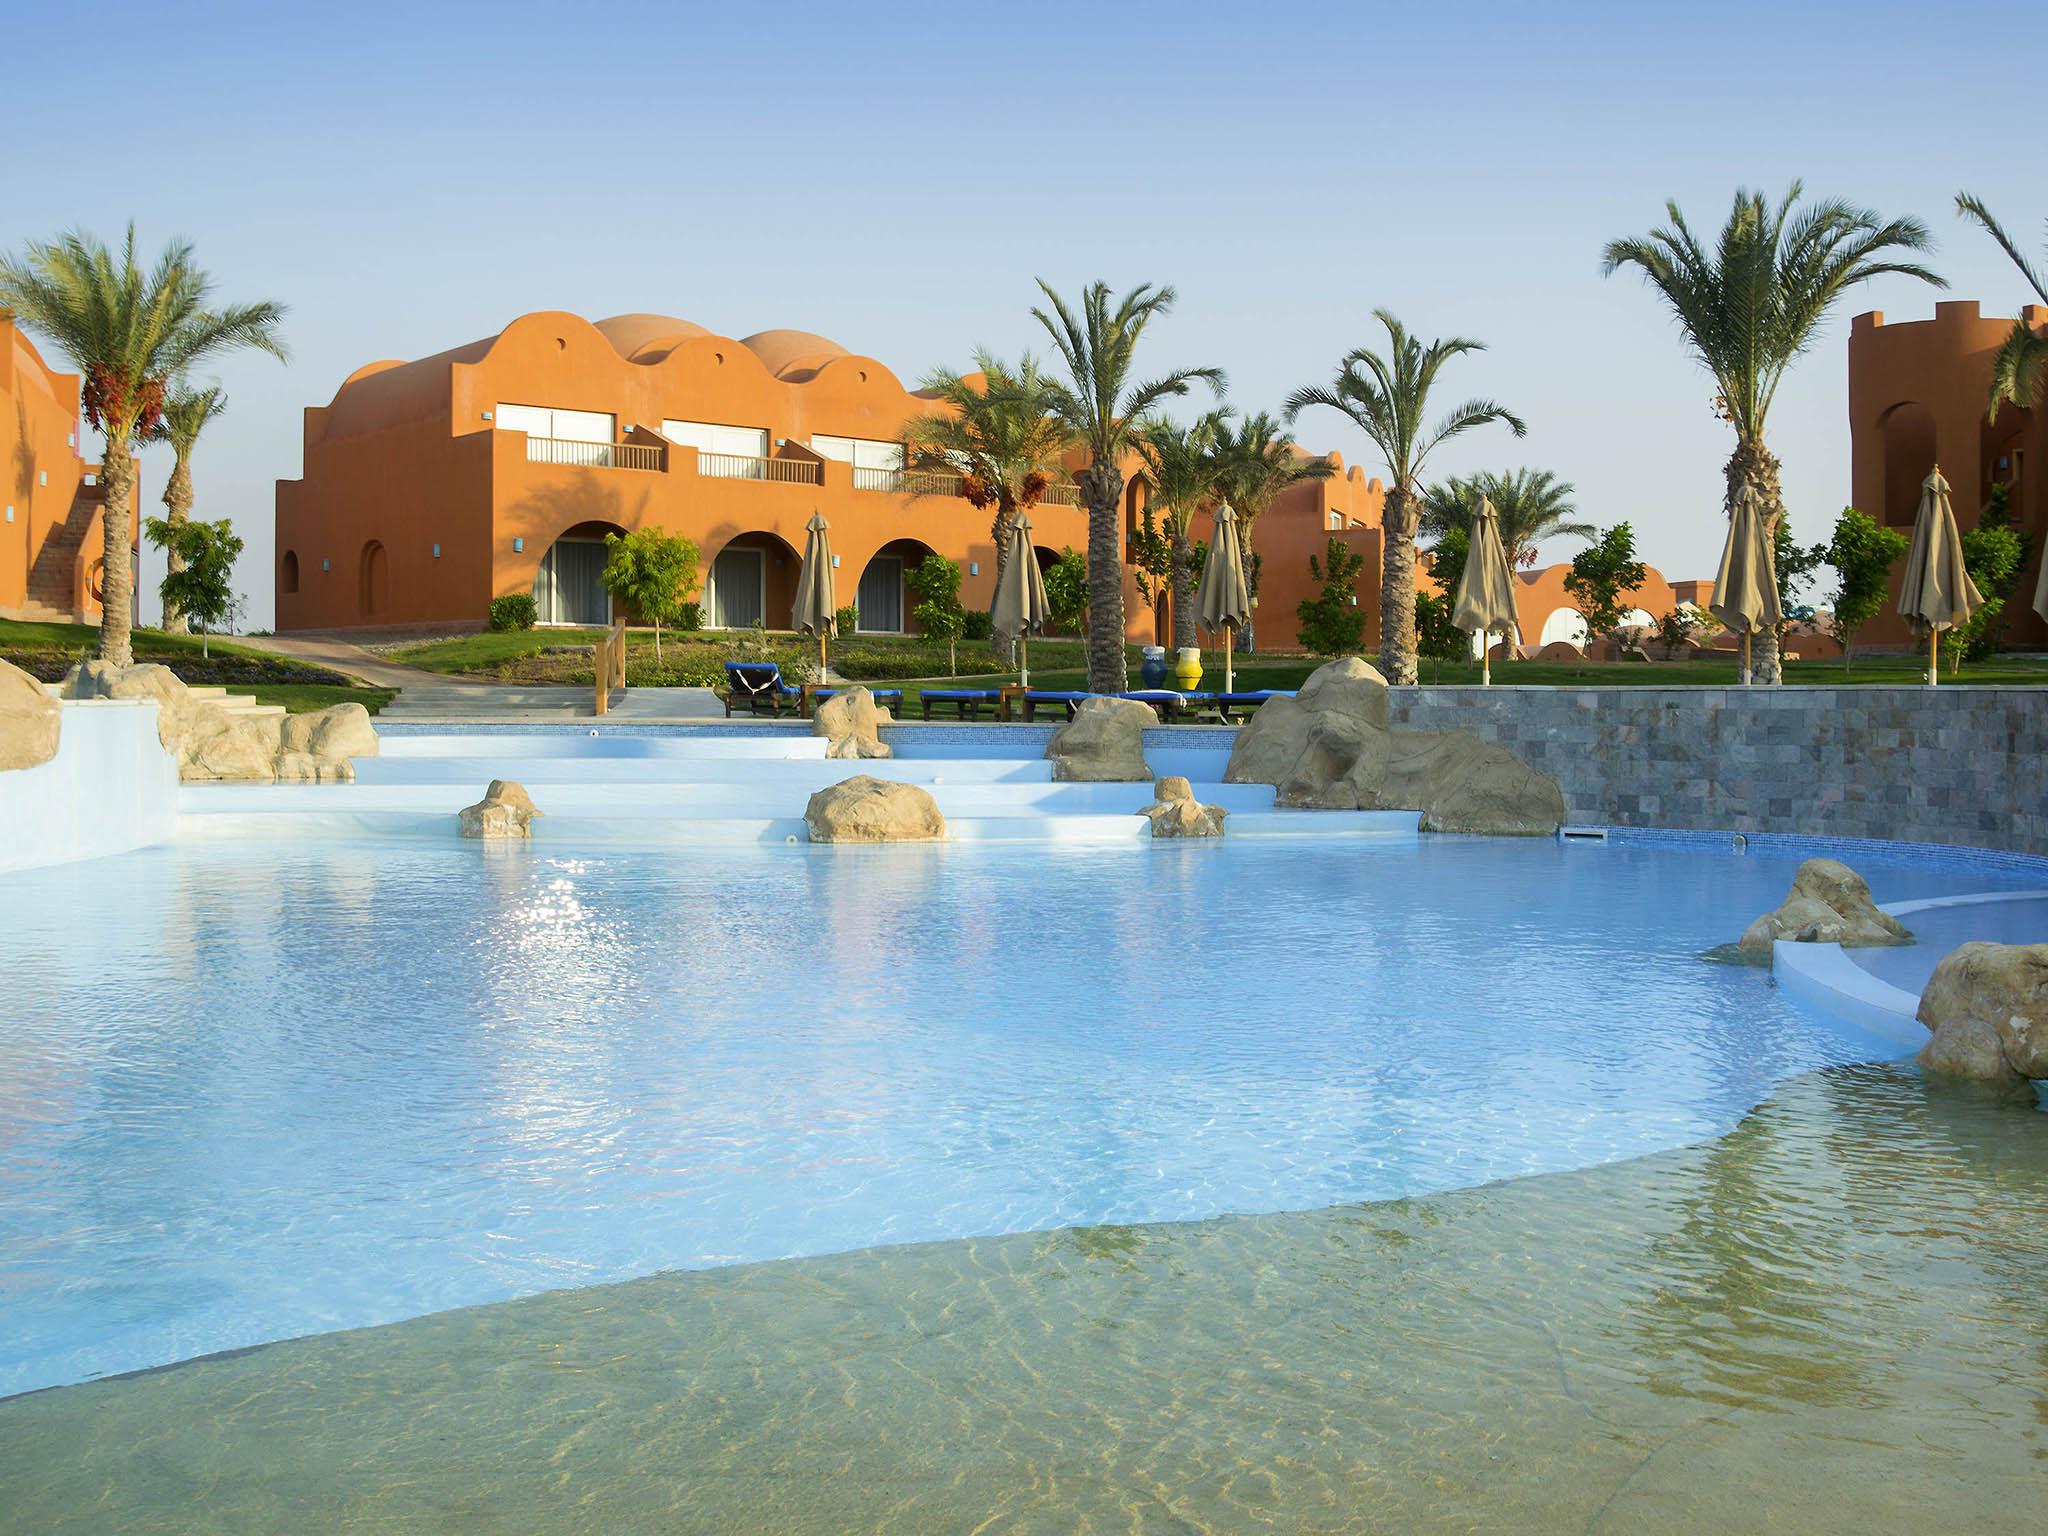 Novotel Marsa Allam Hotel - 4 Days/3 Nights